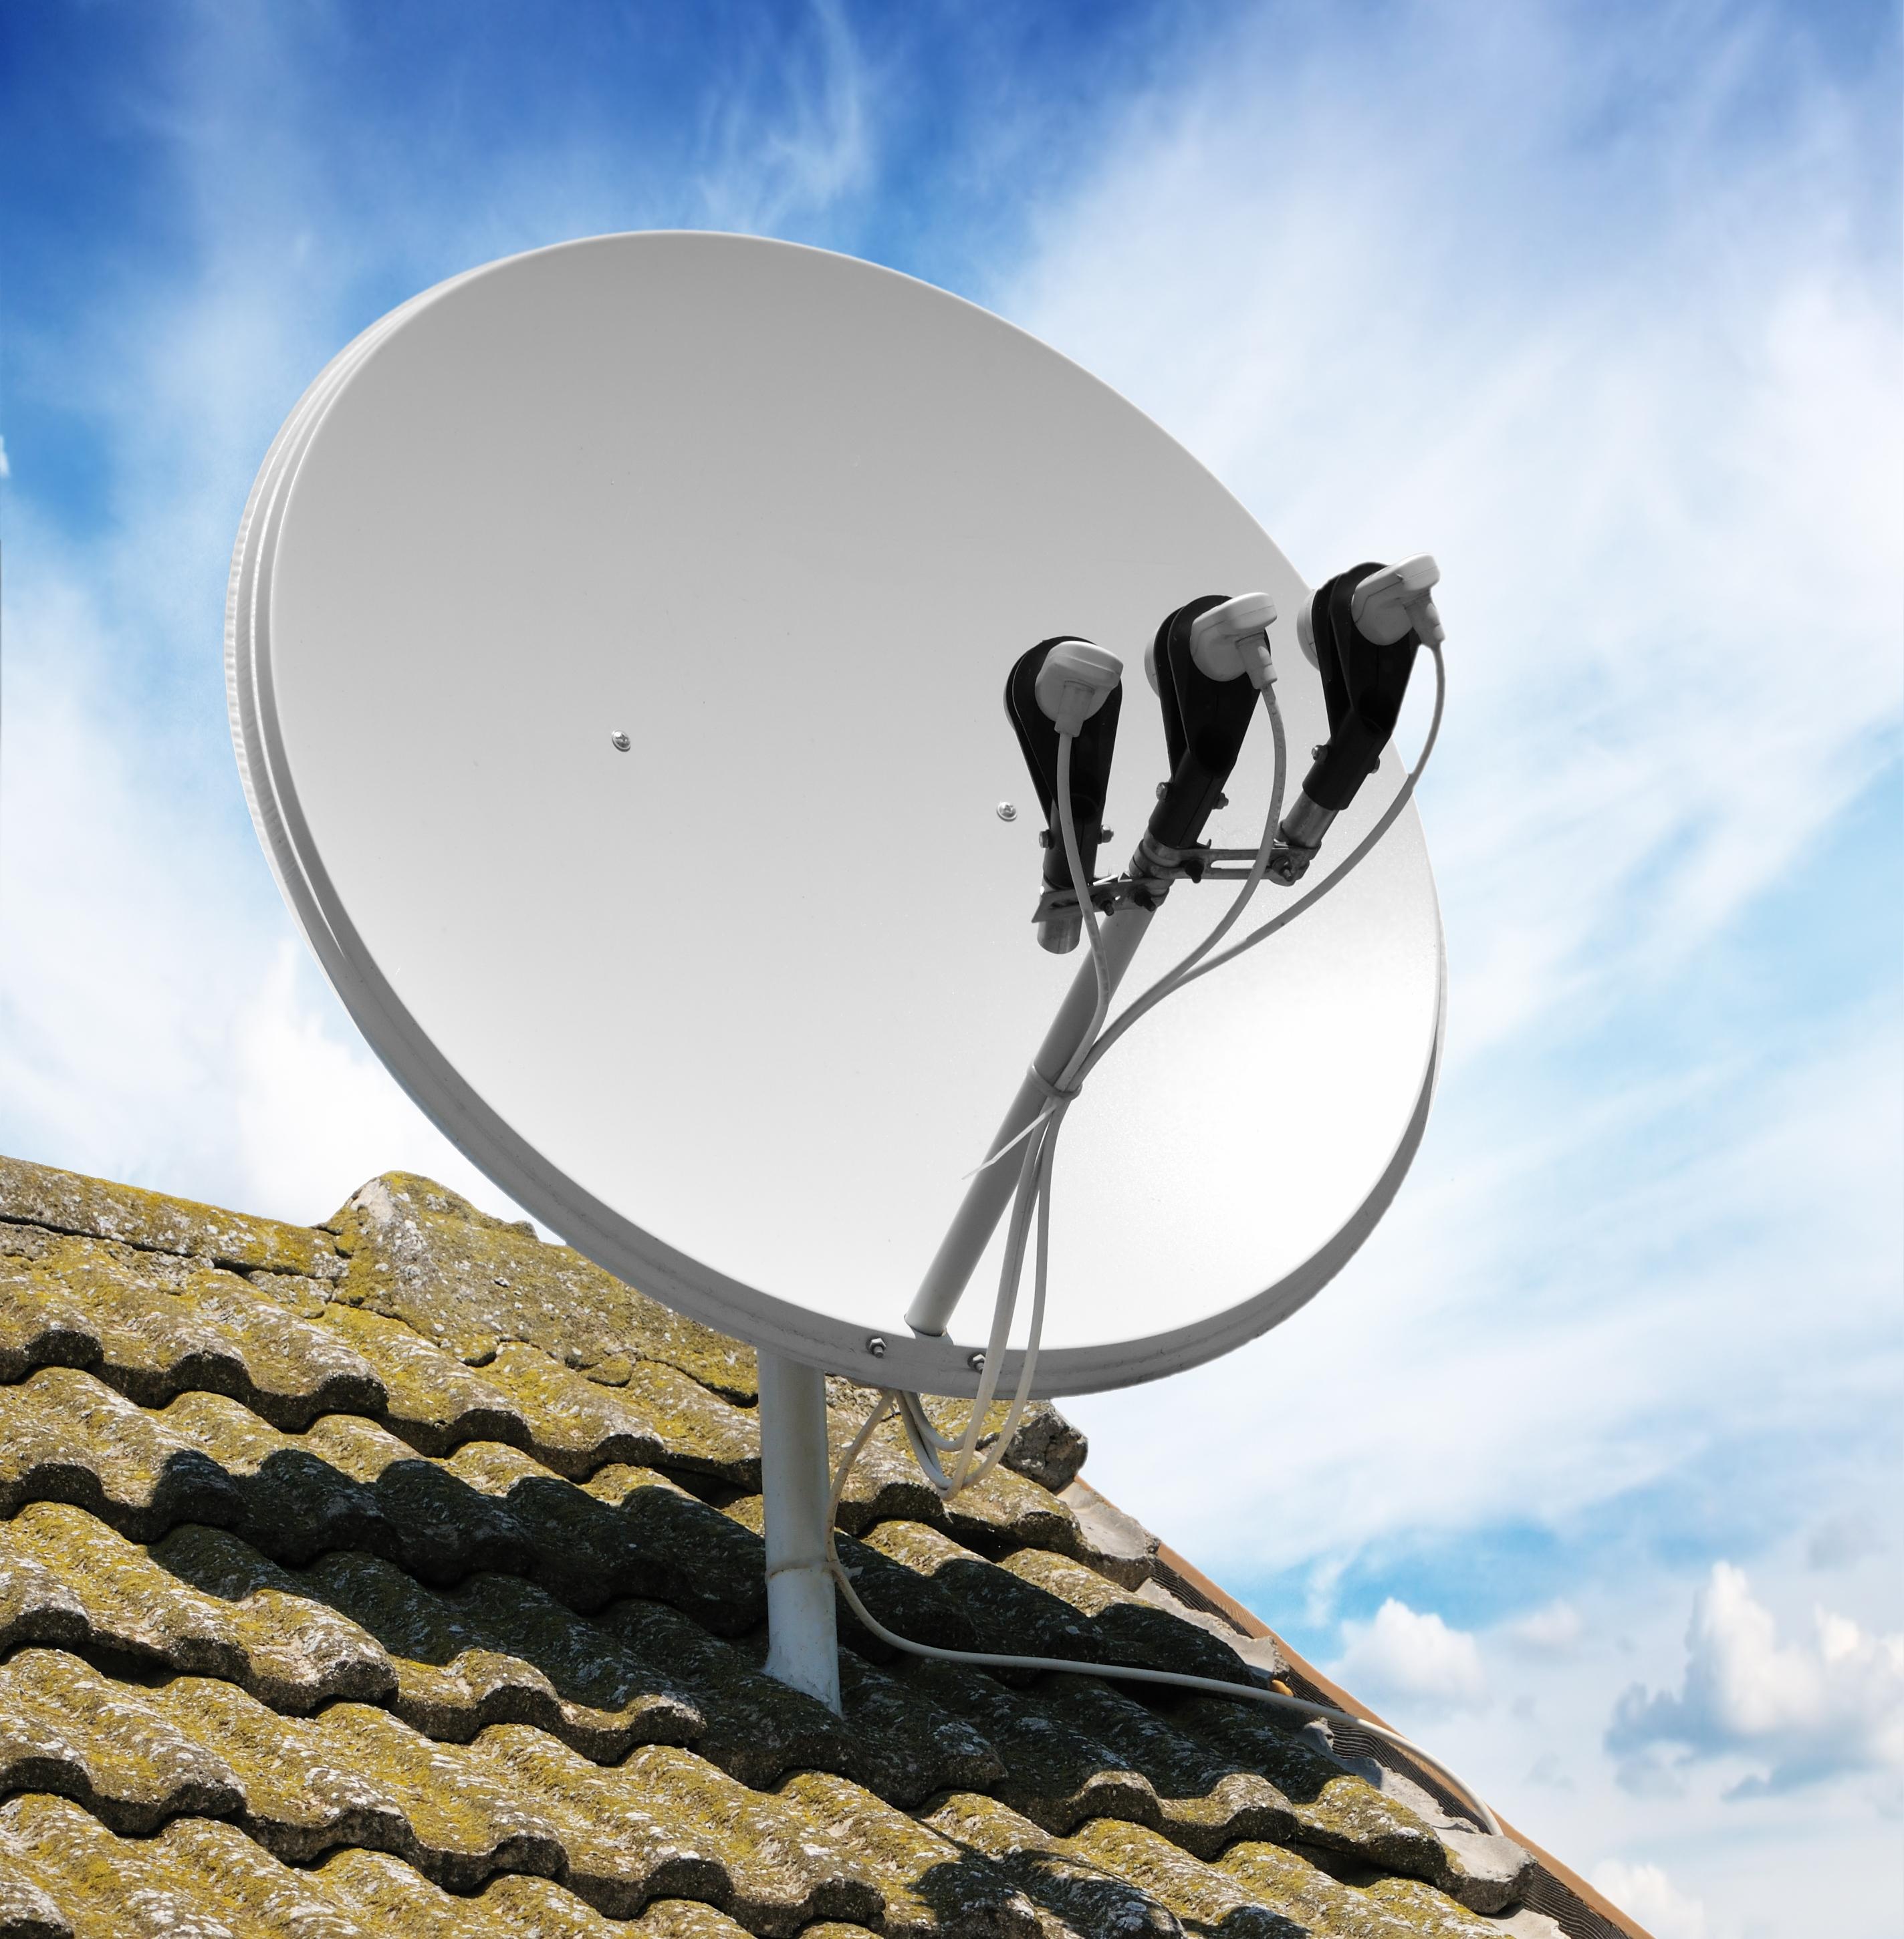 тарелки спутникового телевидения